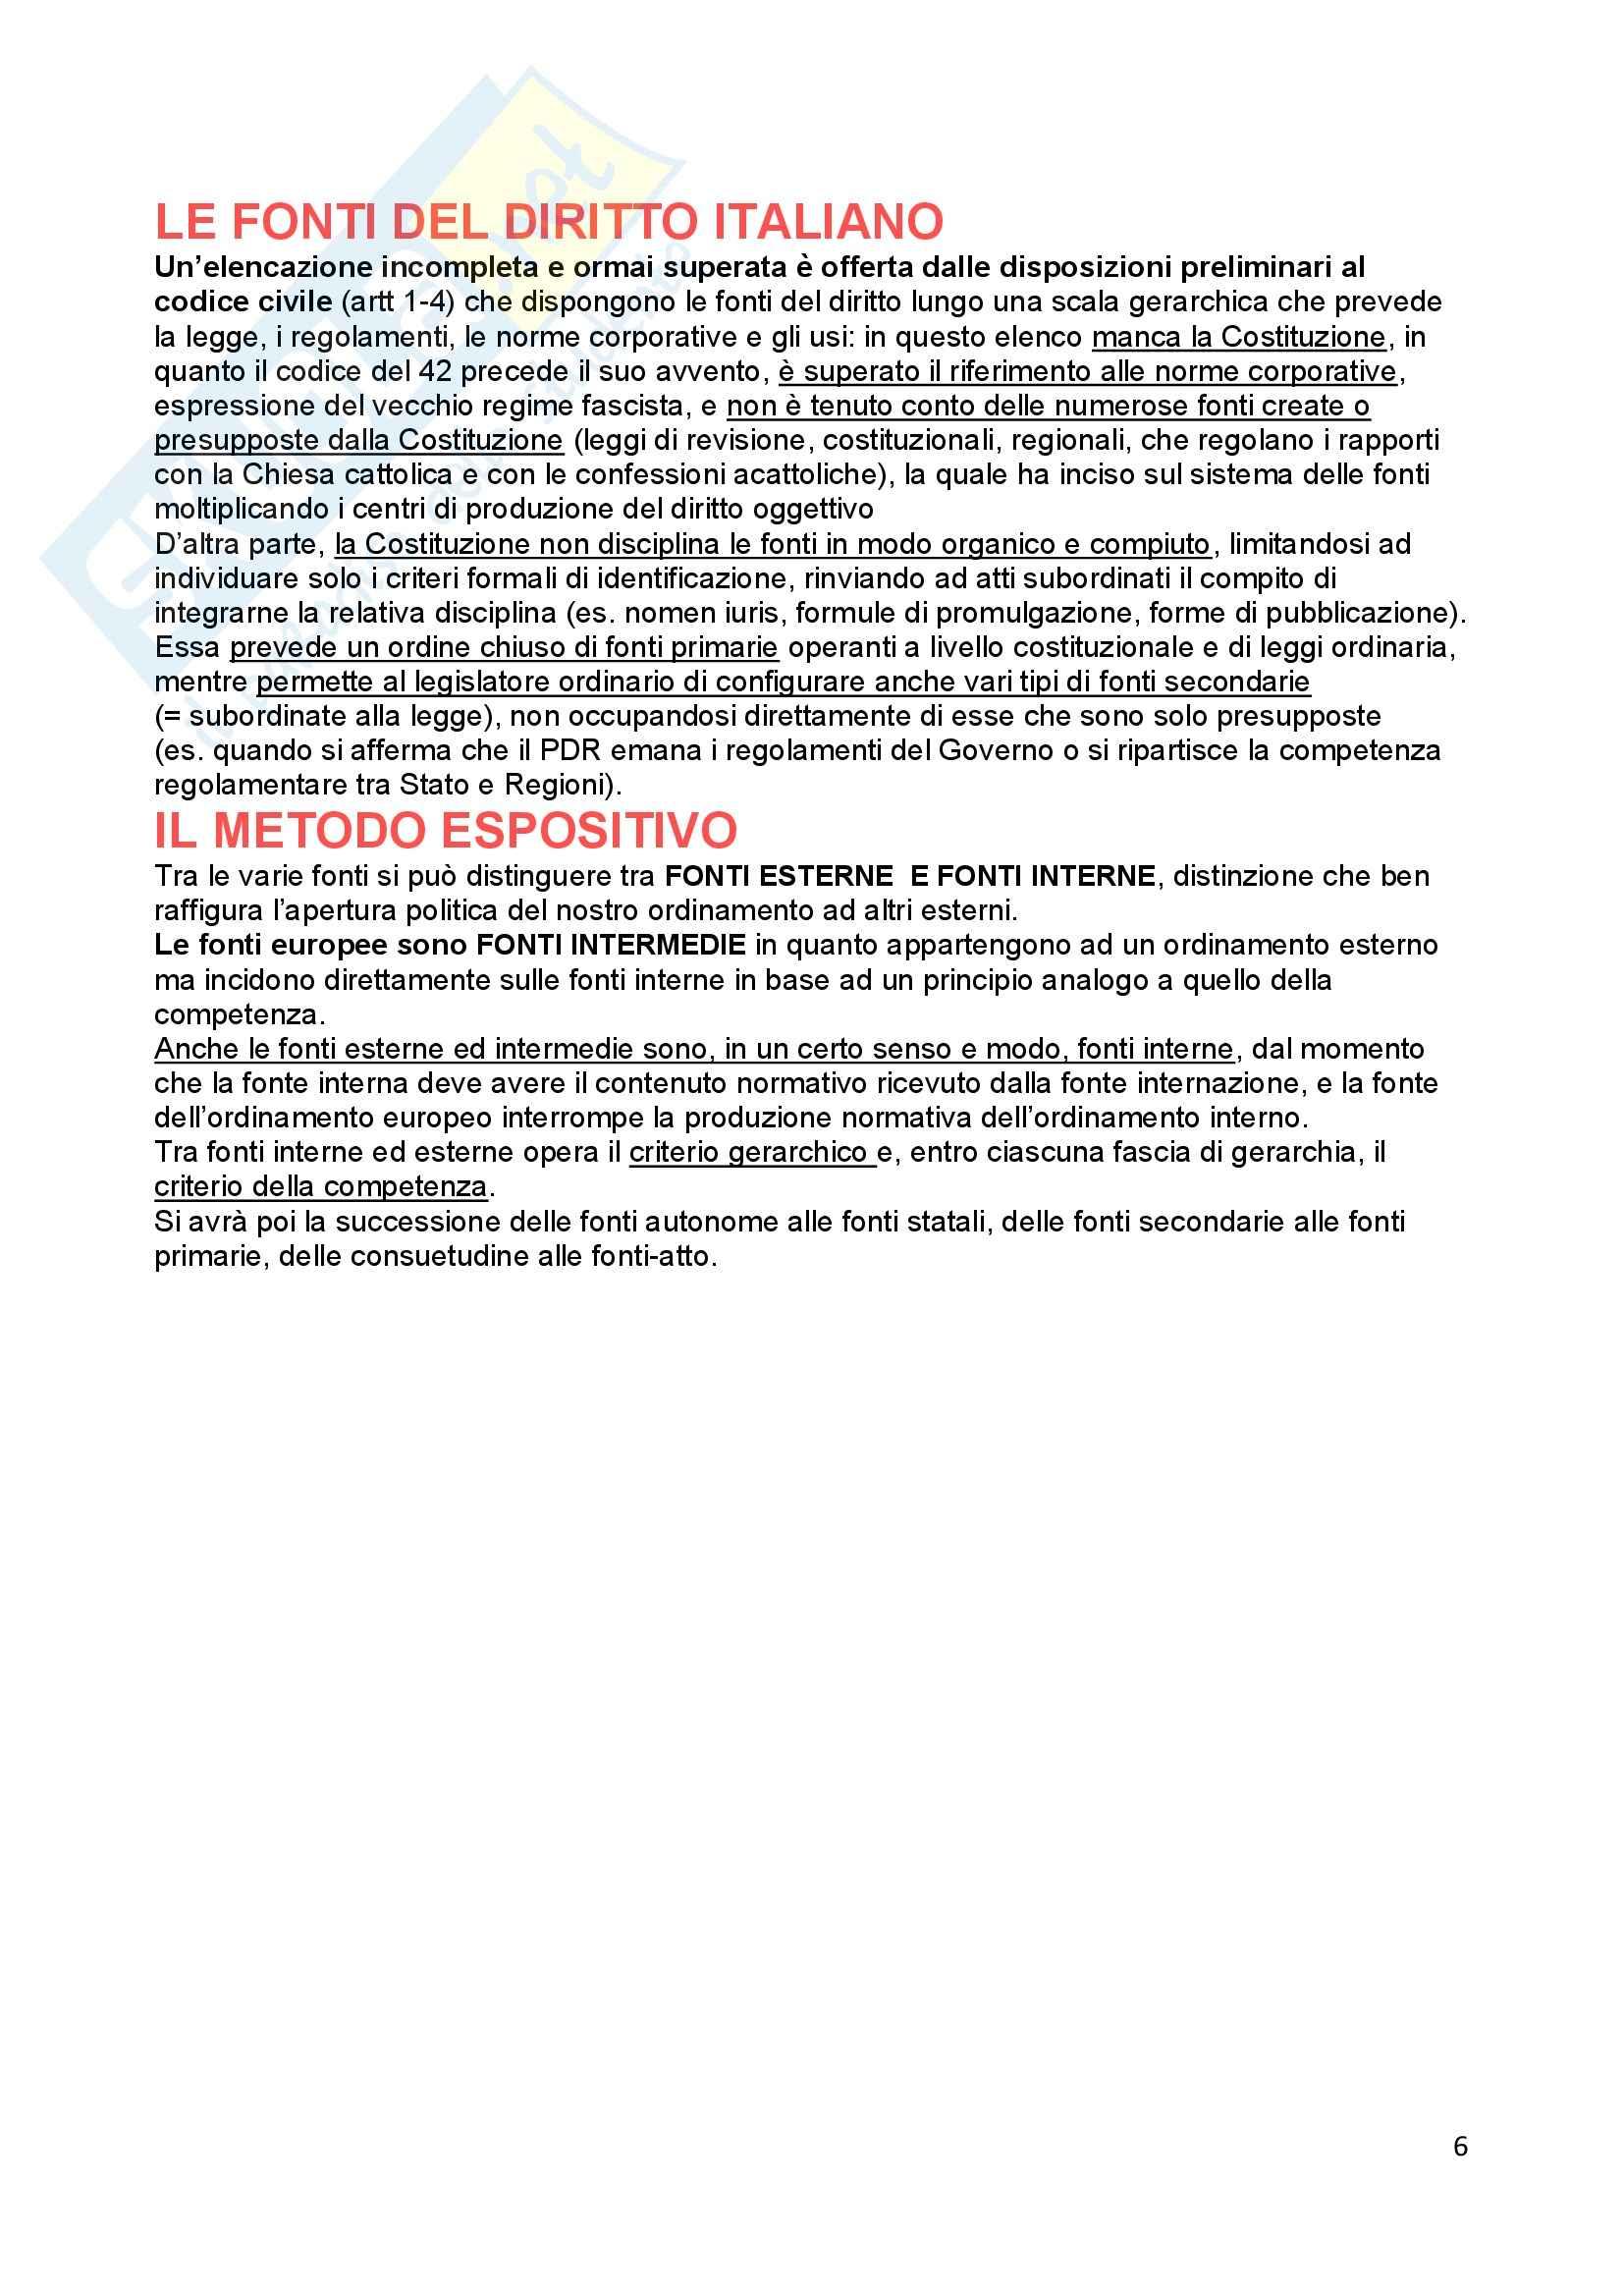 Riassunto esame Diritto Costituzionale, prof. Ferri, libro consigliato Fonti dell'ordinamento repubblicano, Pedrazza Gorlero Pag. 6